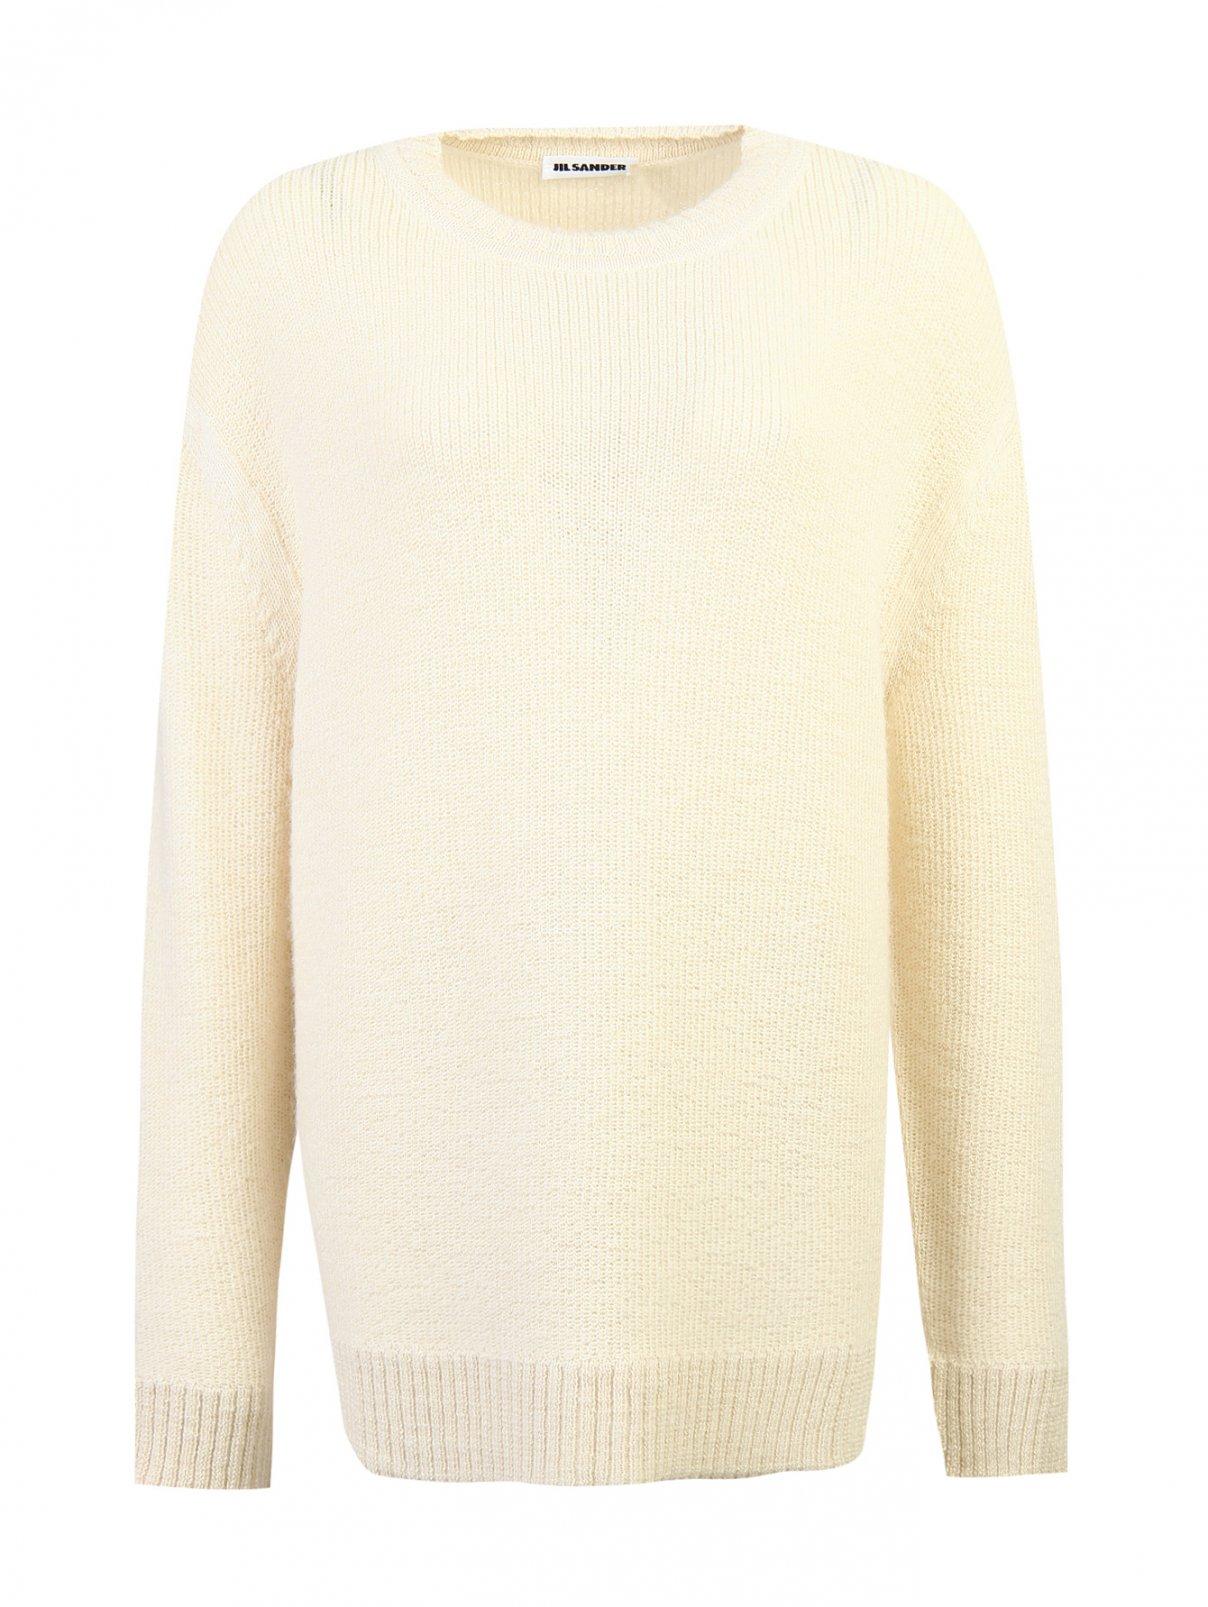 Джемпер из шерсти альпака объемной вязки Jil Sander  –  Общий вид